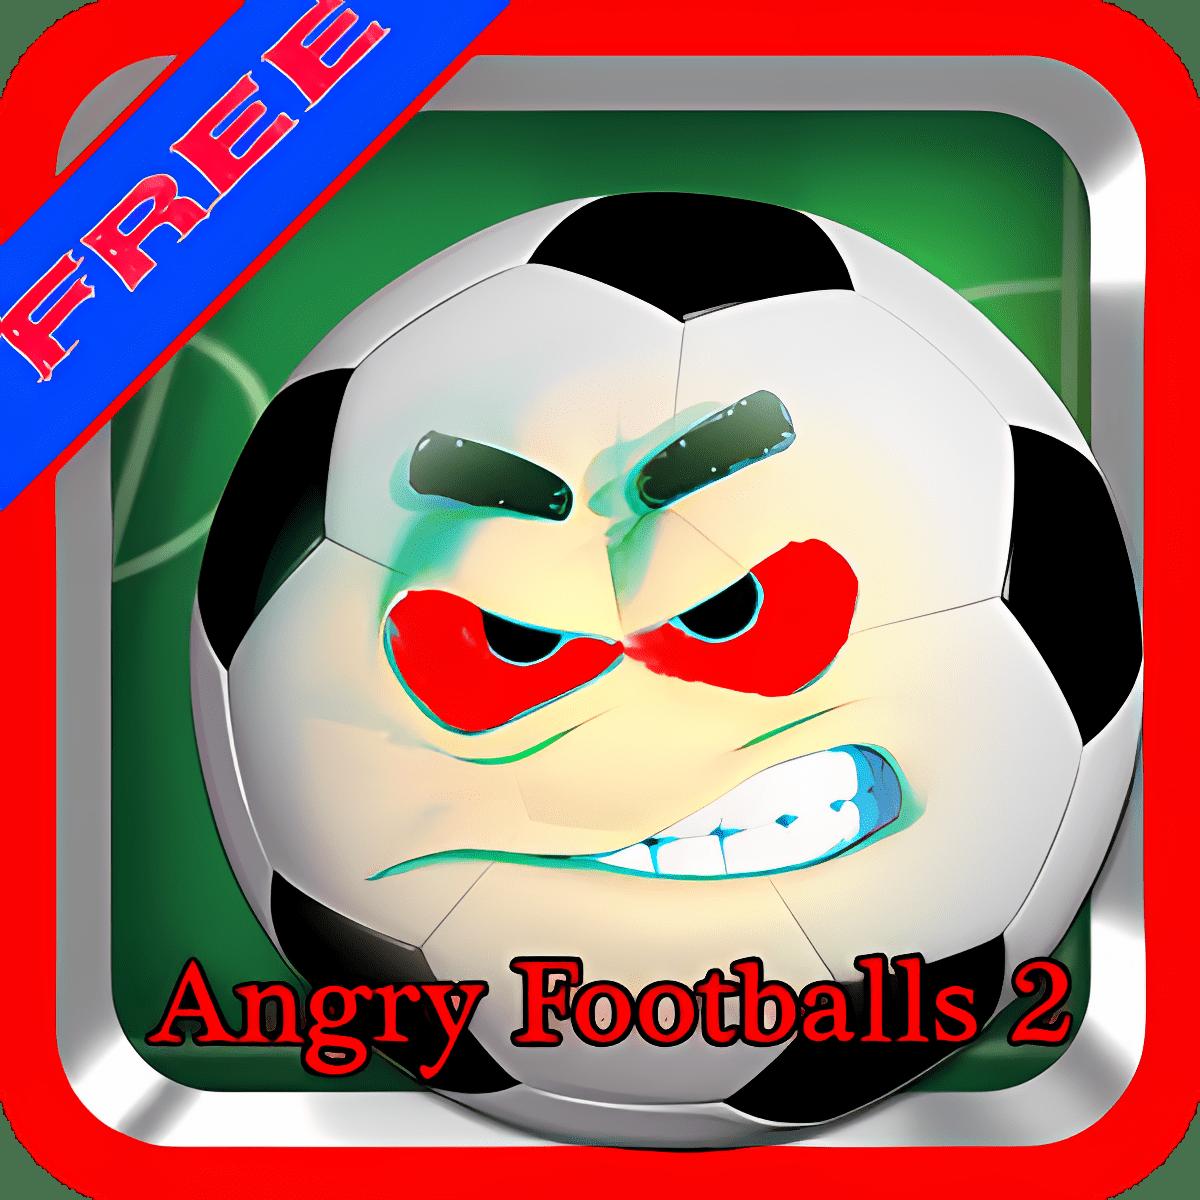 Balones de fútbol enojados 2: